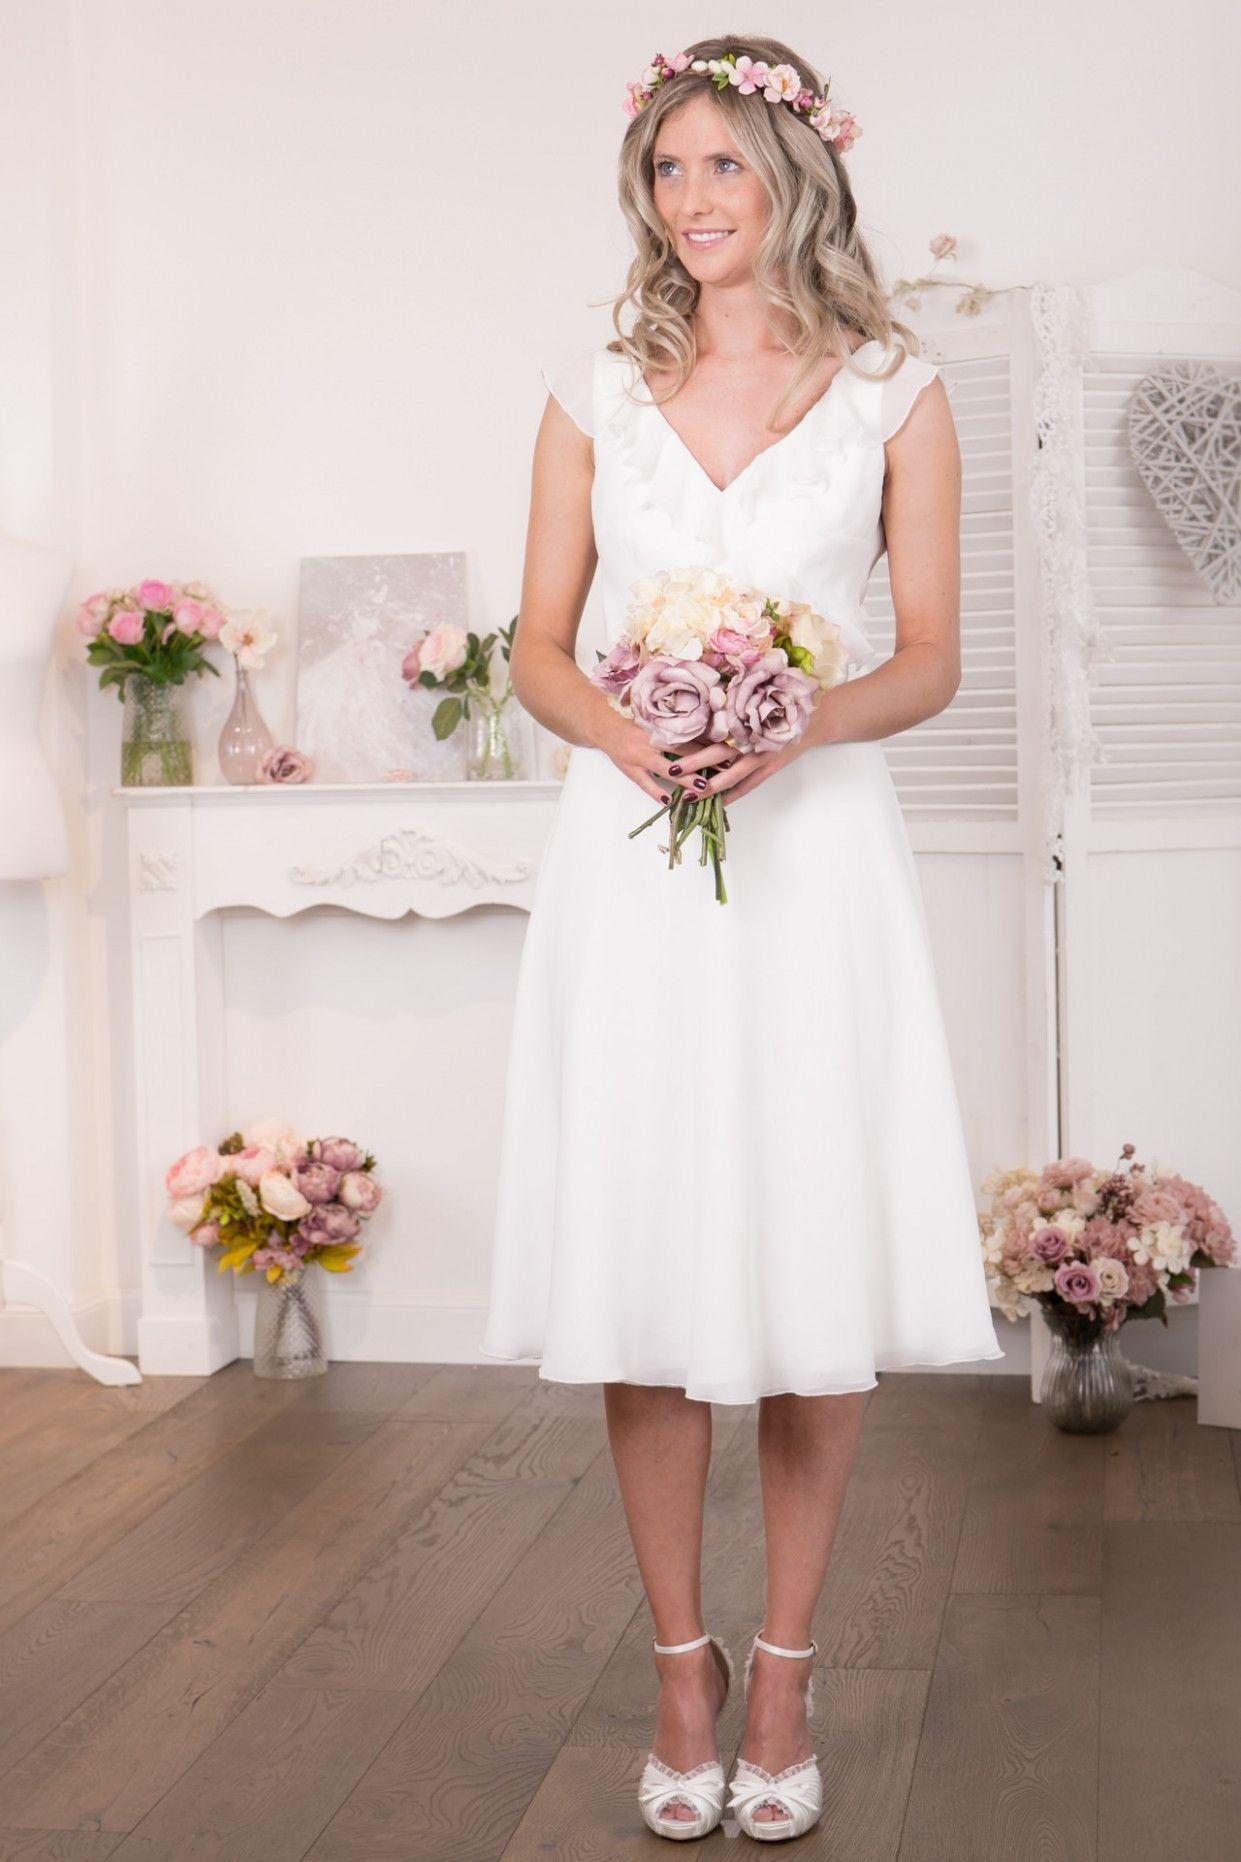 3 Standesamtkleider Für Die Braut in 3  Kleid standesamt